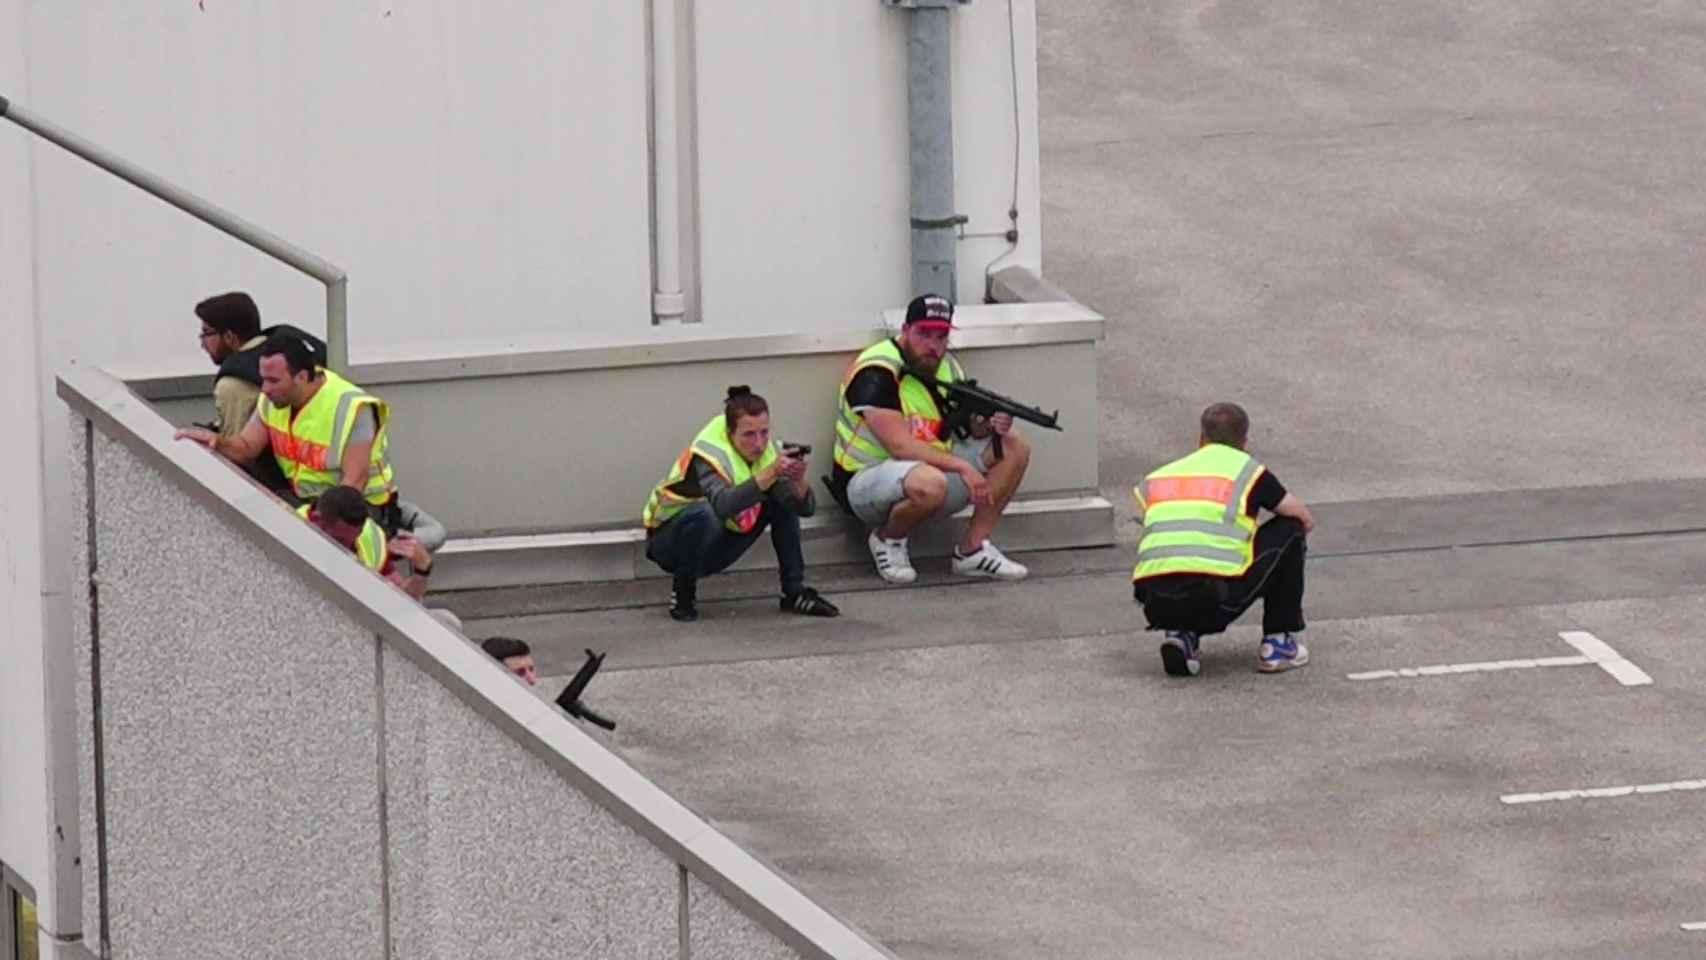 Policías de Múnich en una azotea adonde fue el autor del tiroteo, con problemas psiquiátricos.